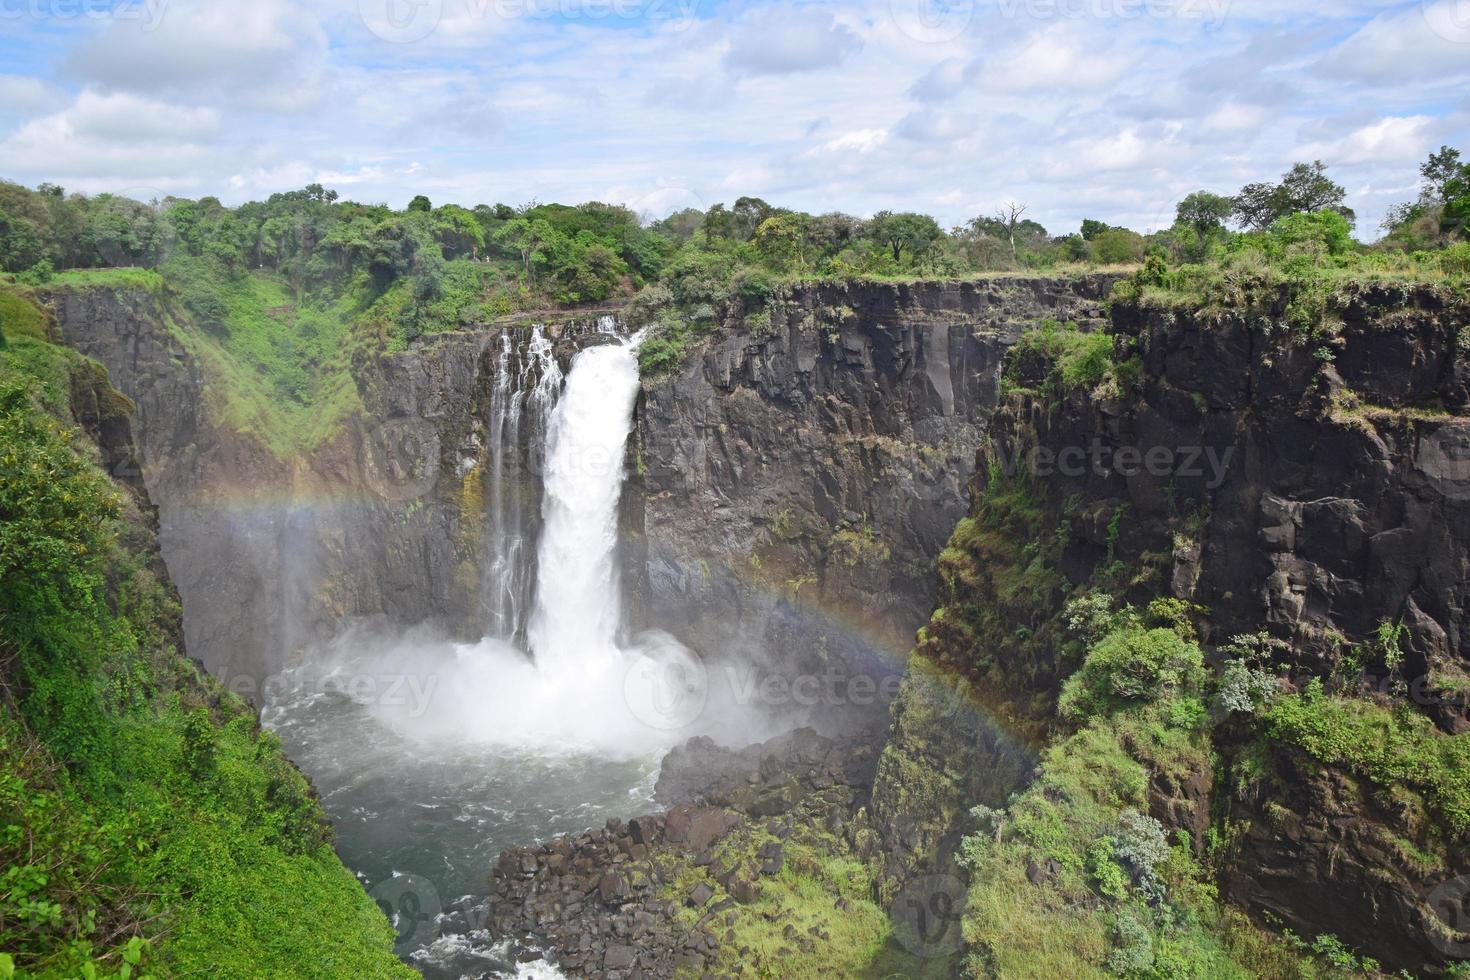 arco iris y cataratas del diablo (cataratas del diablo), cataratas victoria, zimbabwe foto